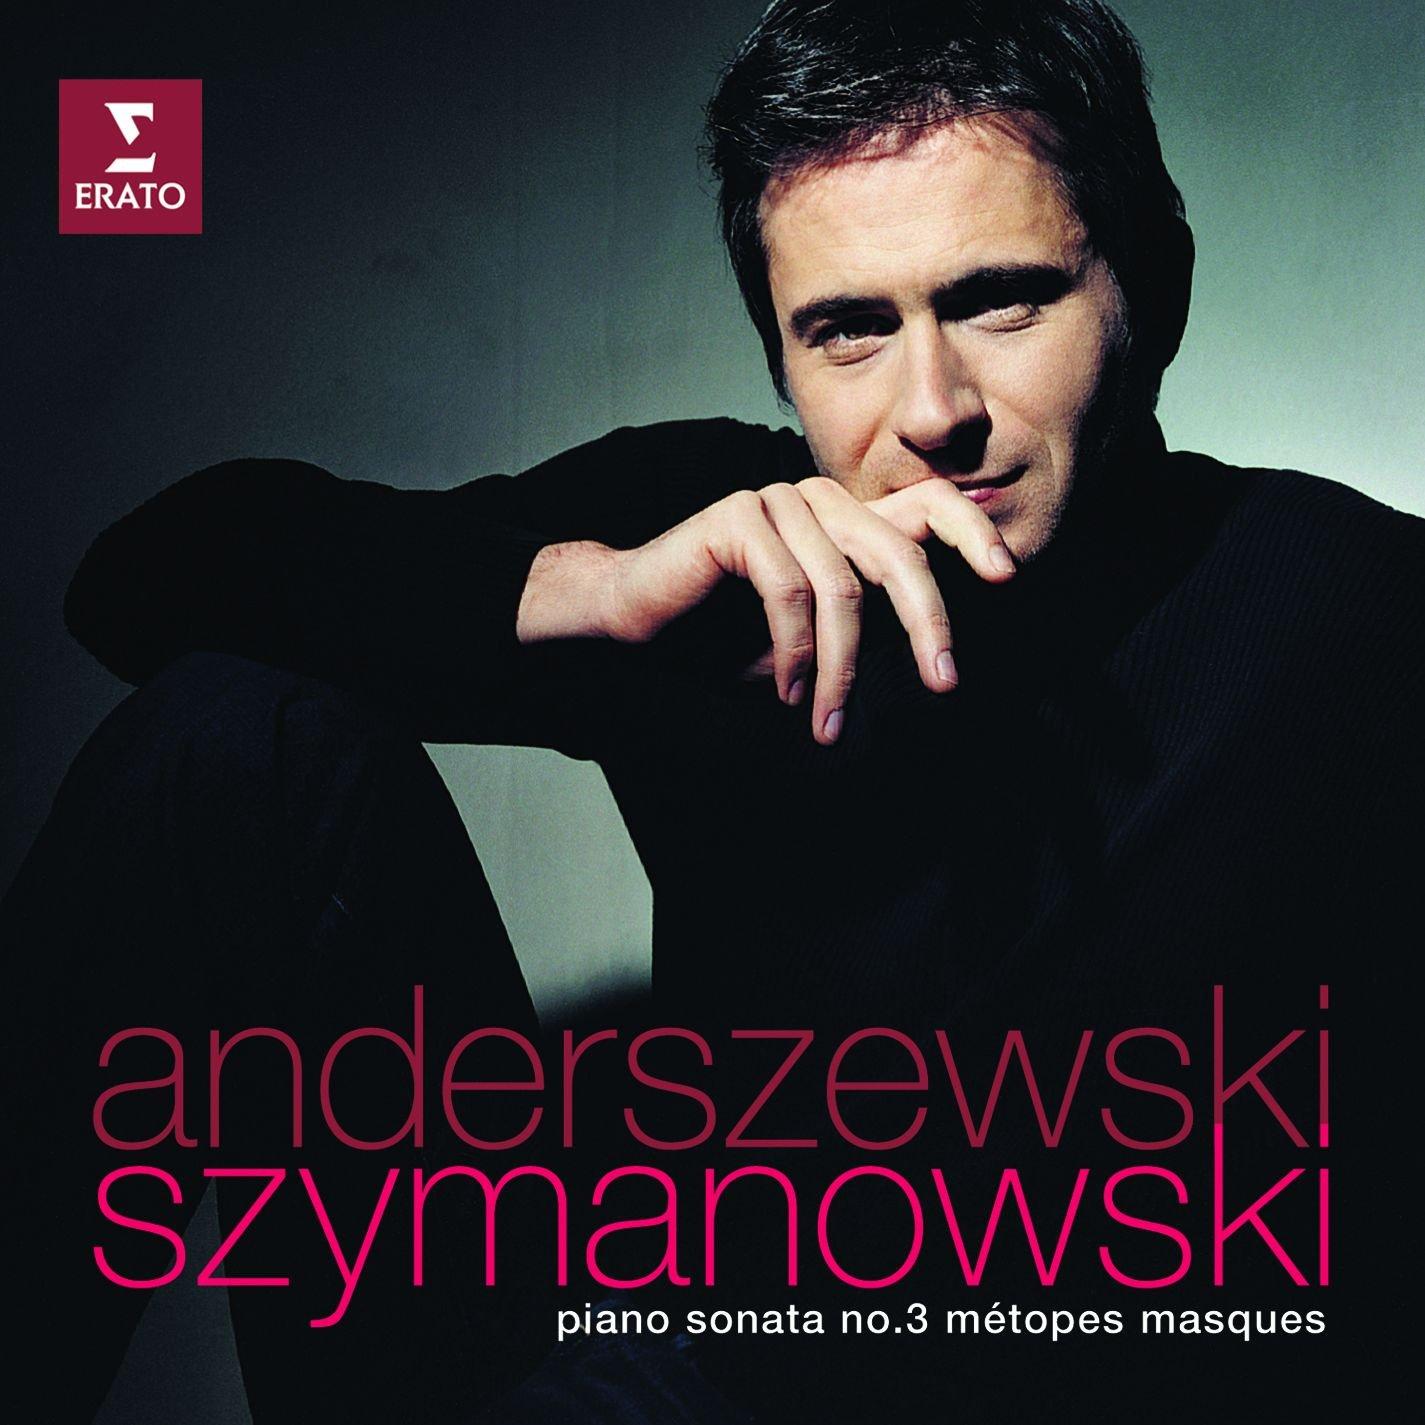 CD : Piotr Anderszewski - Sonata No 3 Metopes Masques (CD)